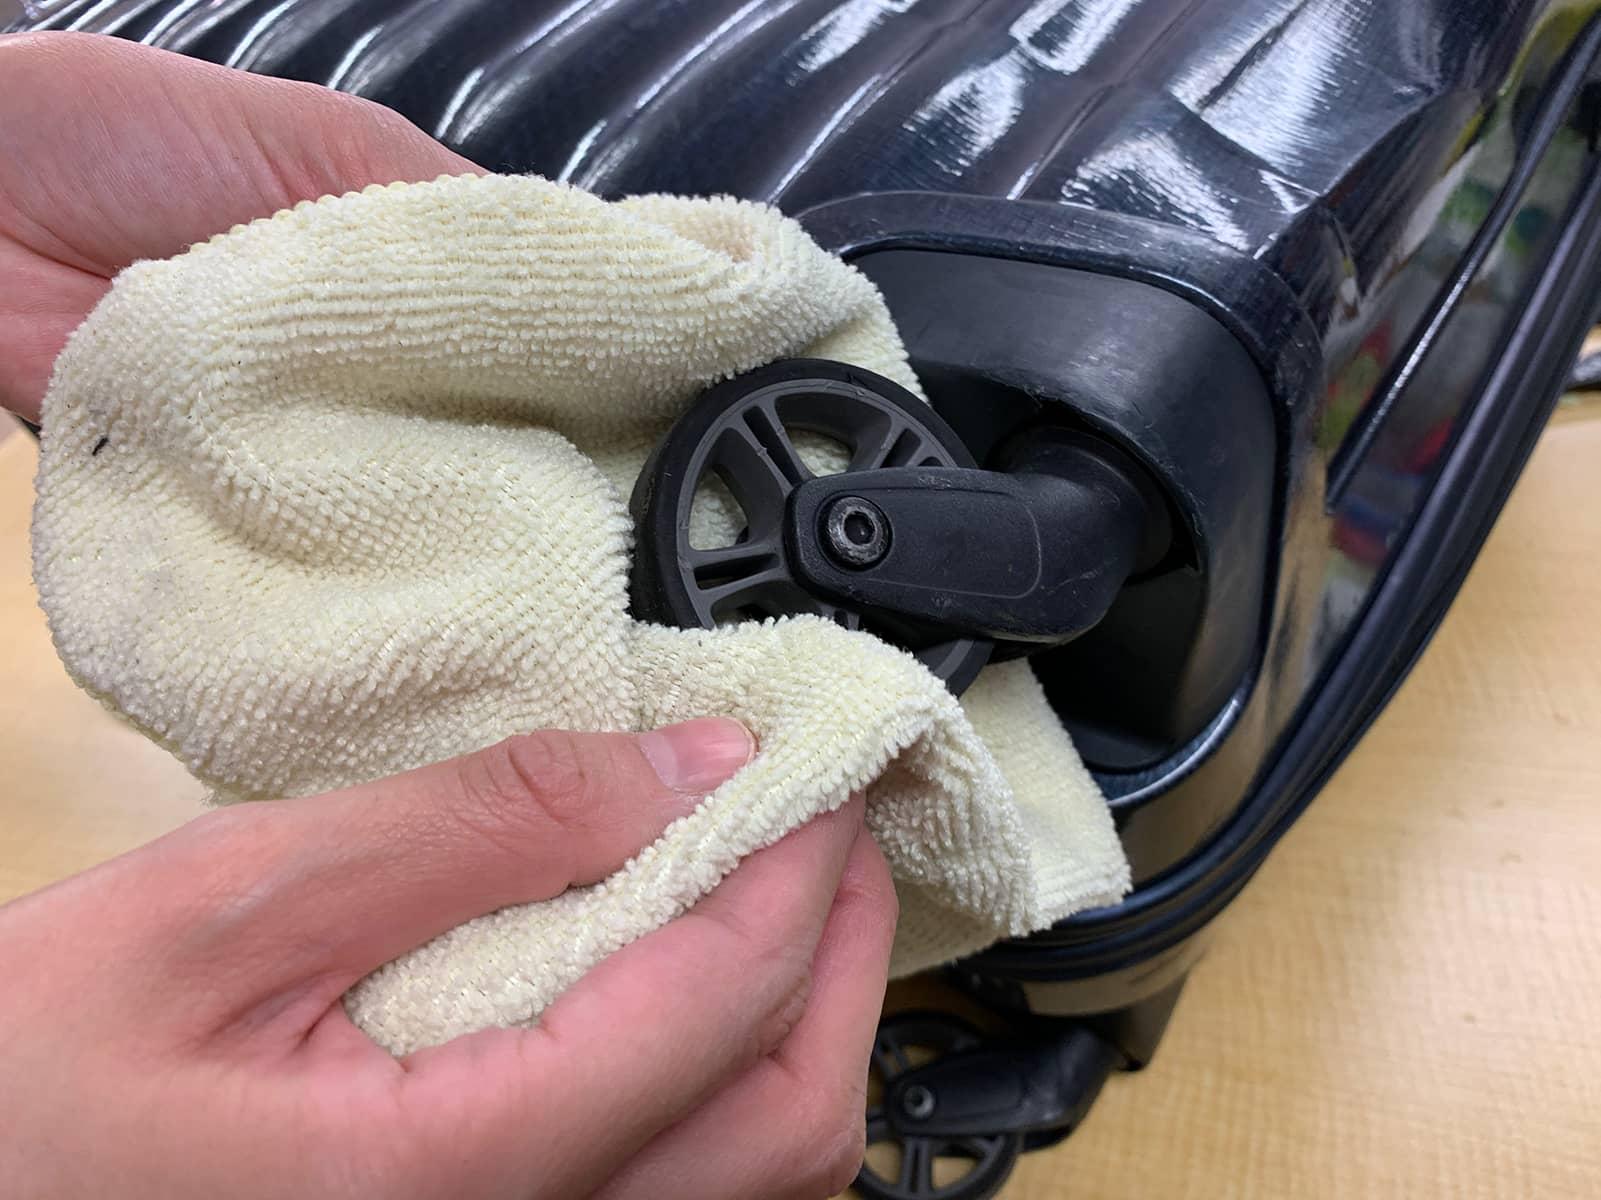 スーツケースのキャスターを布で拭いている様子